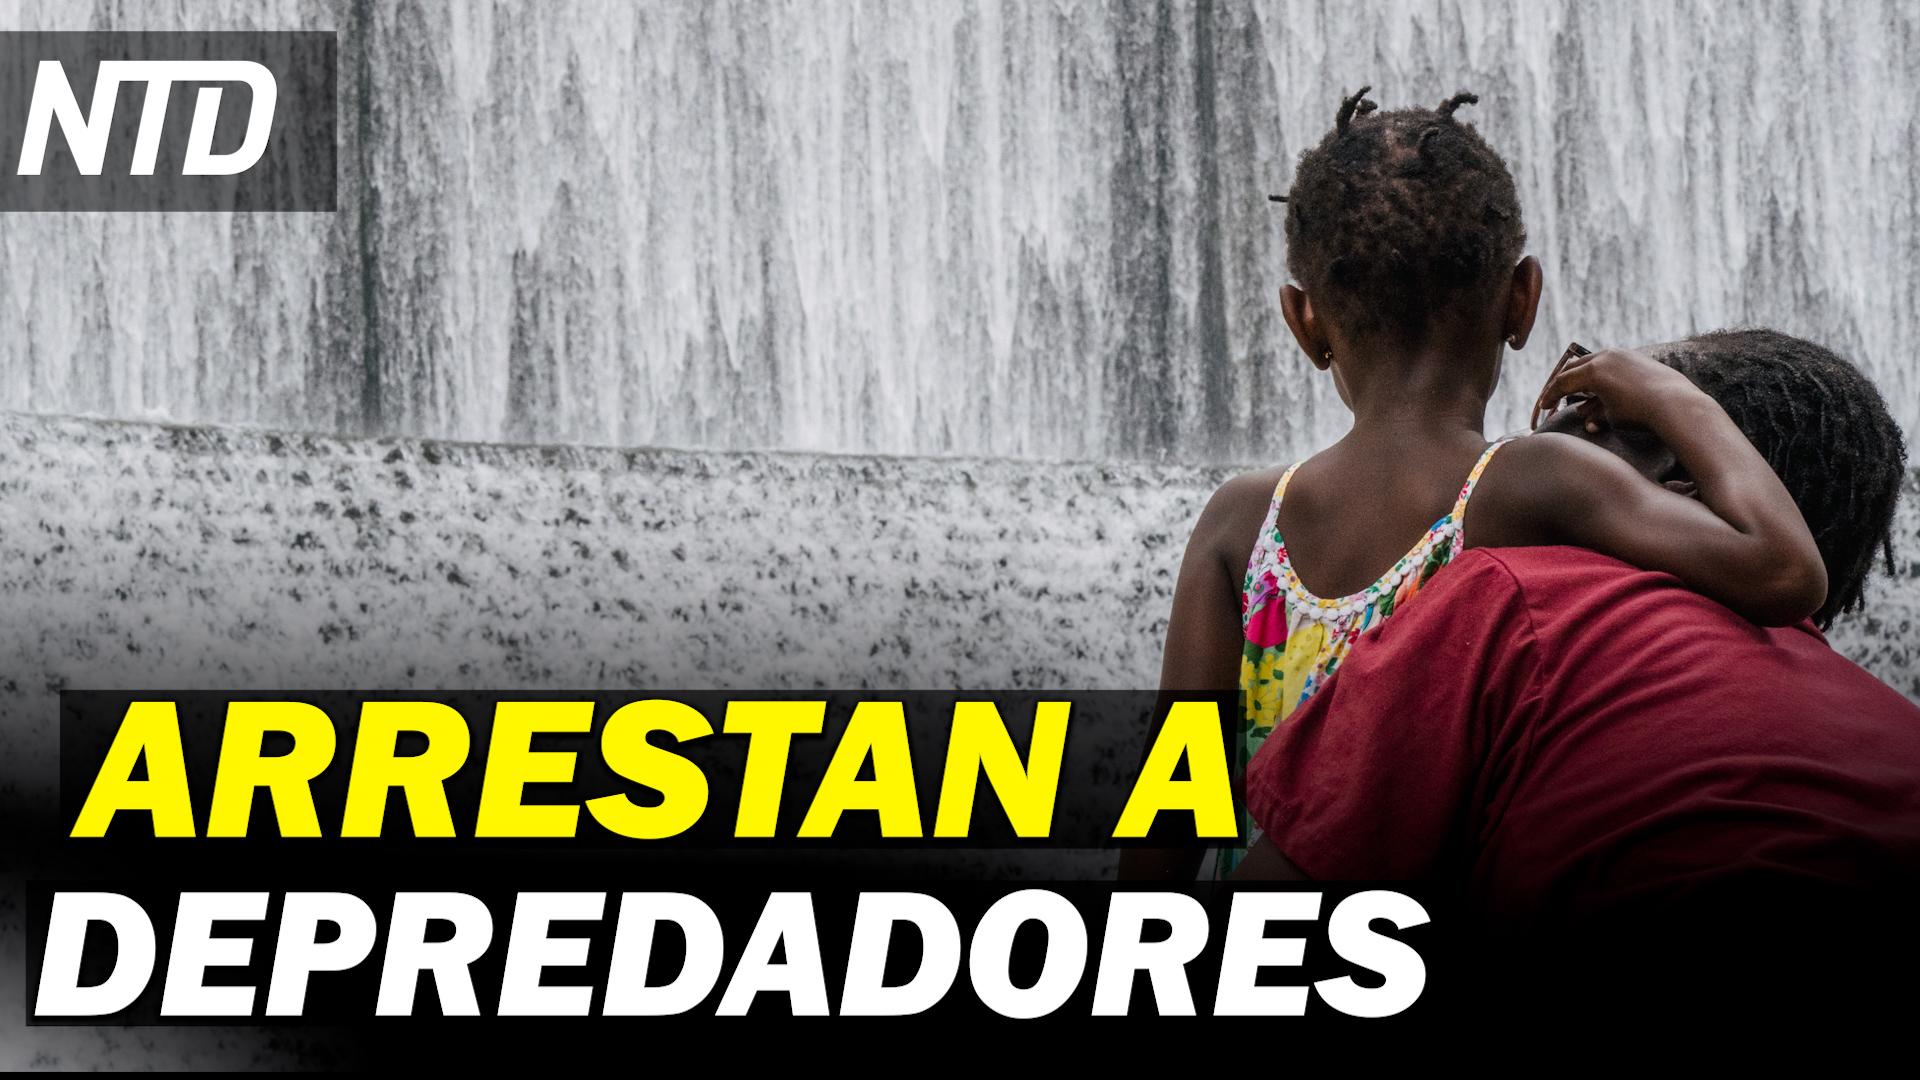 NTD Noticias: Arrestan empleados de Disney buscando depredadores de niños; Gobernador indulta a los McCloskey